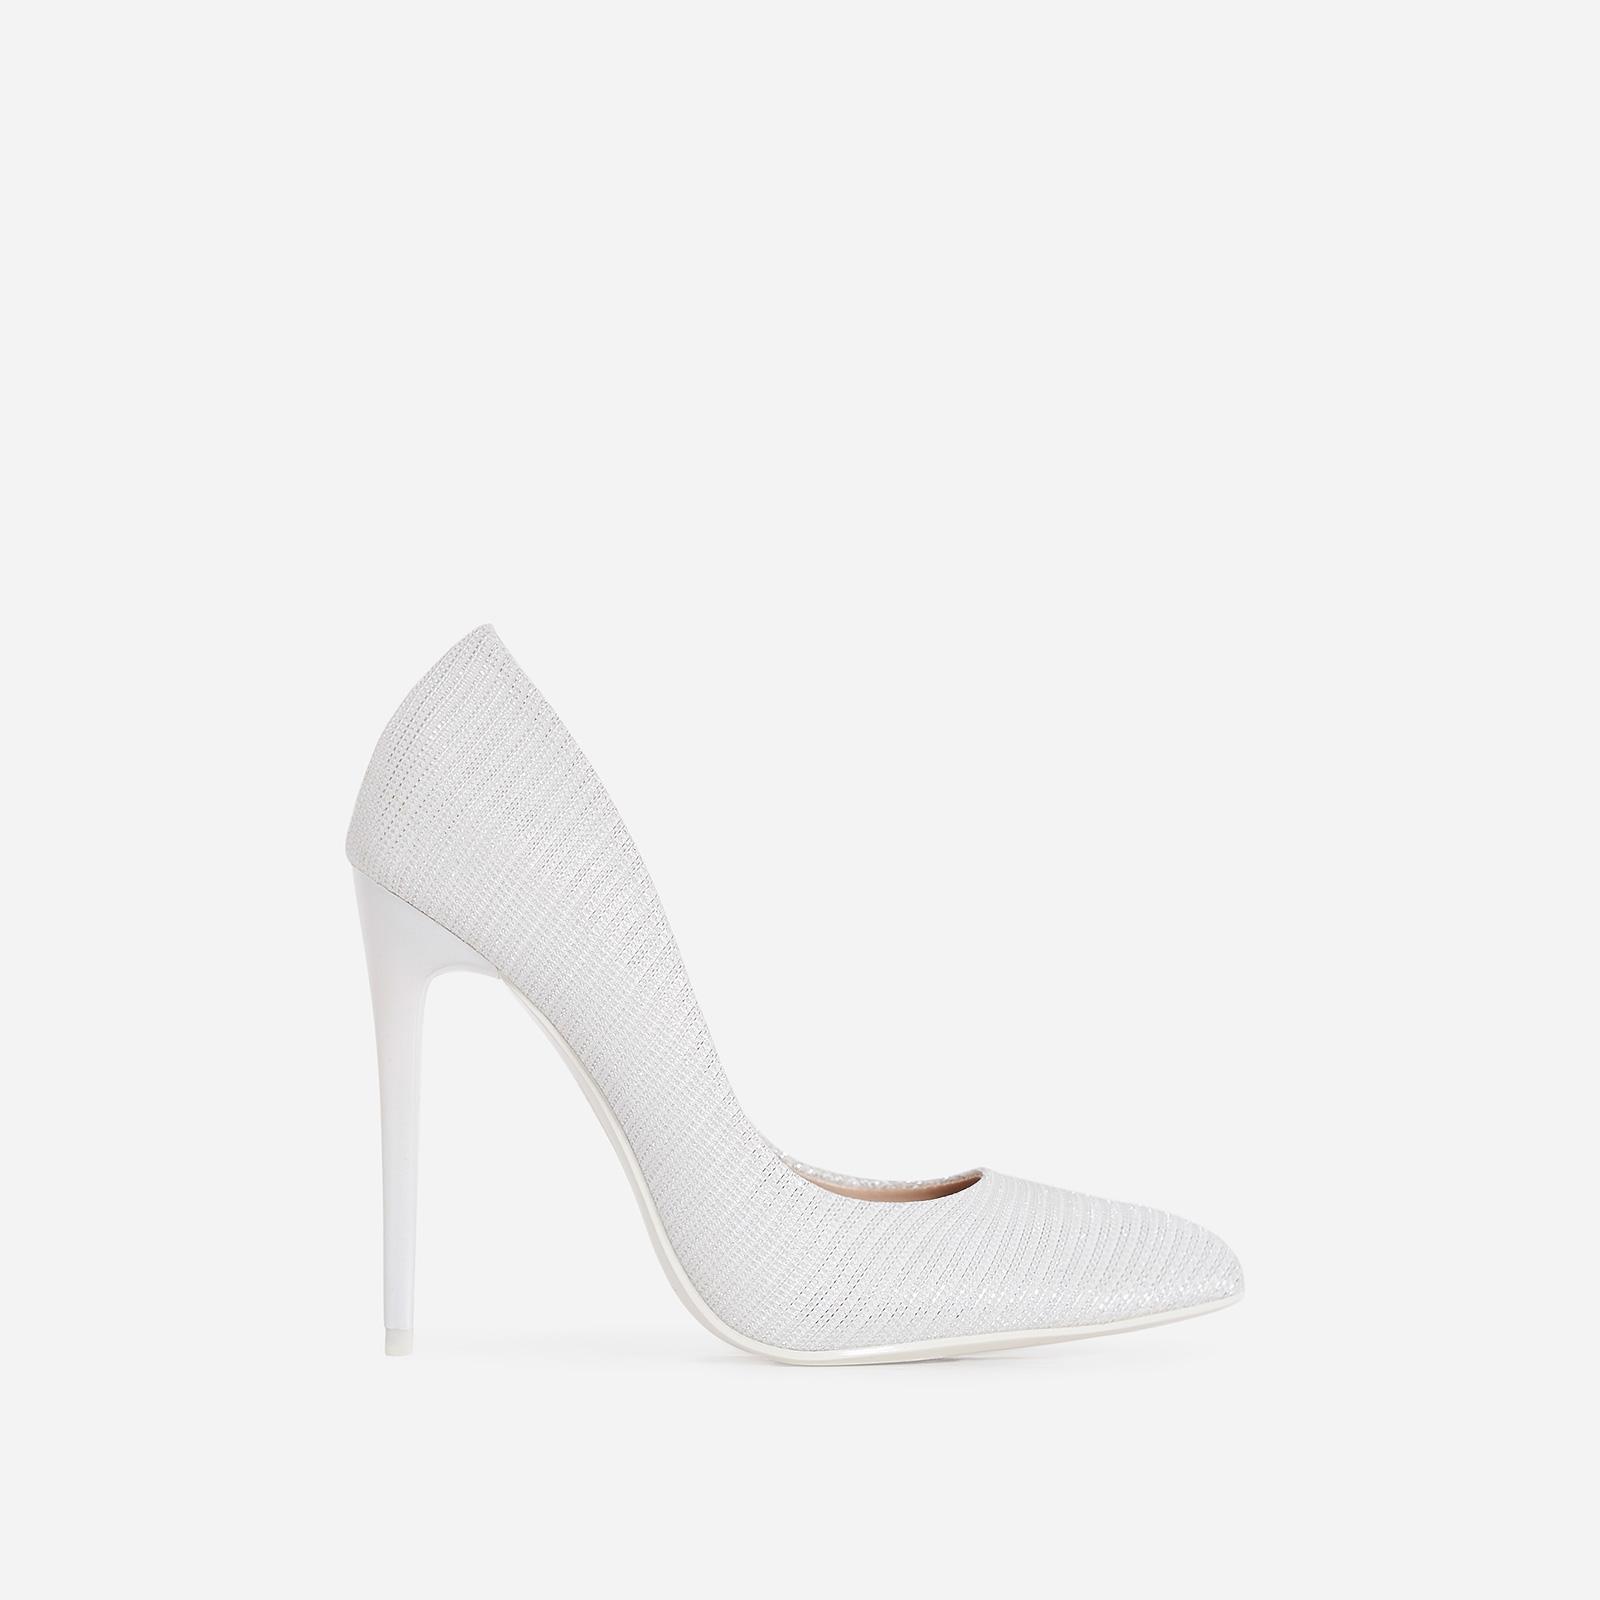 Mira Court Heel In Metallic White Fabric